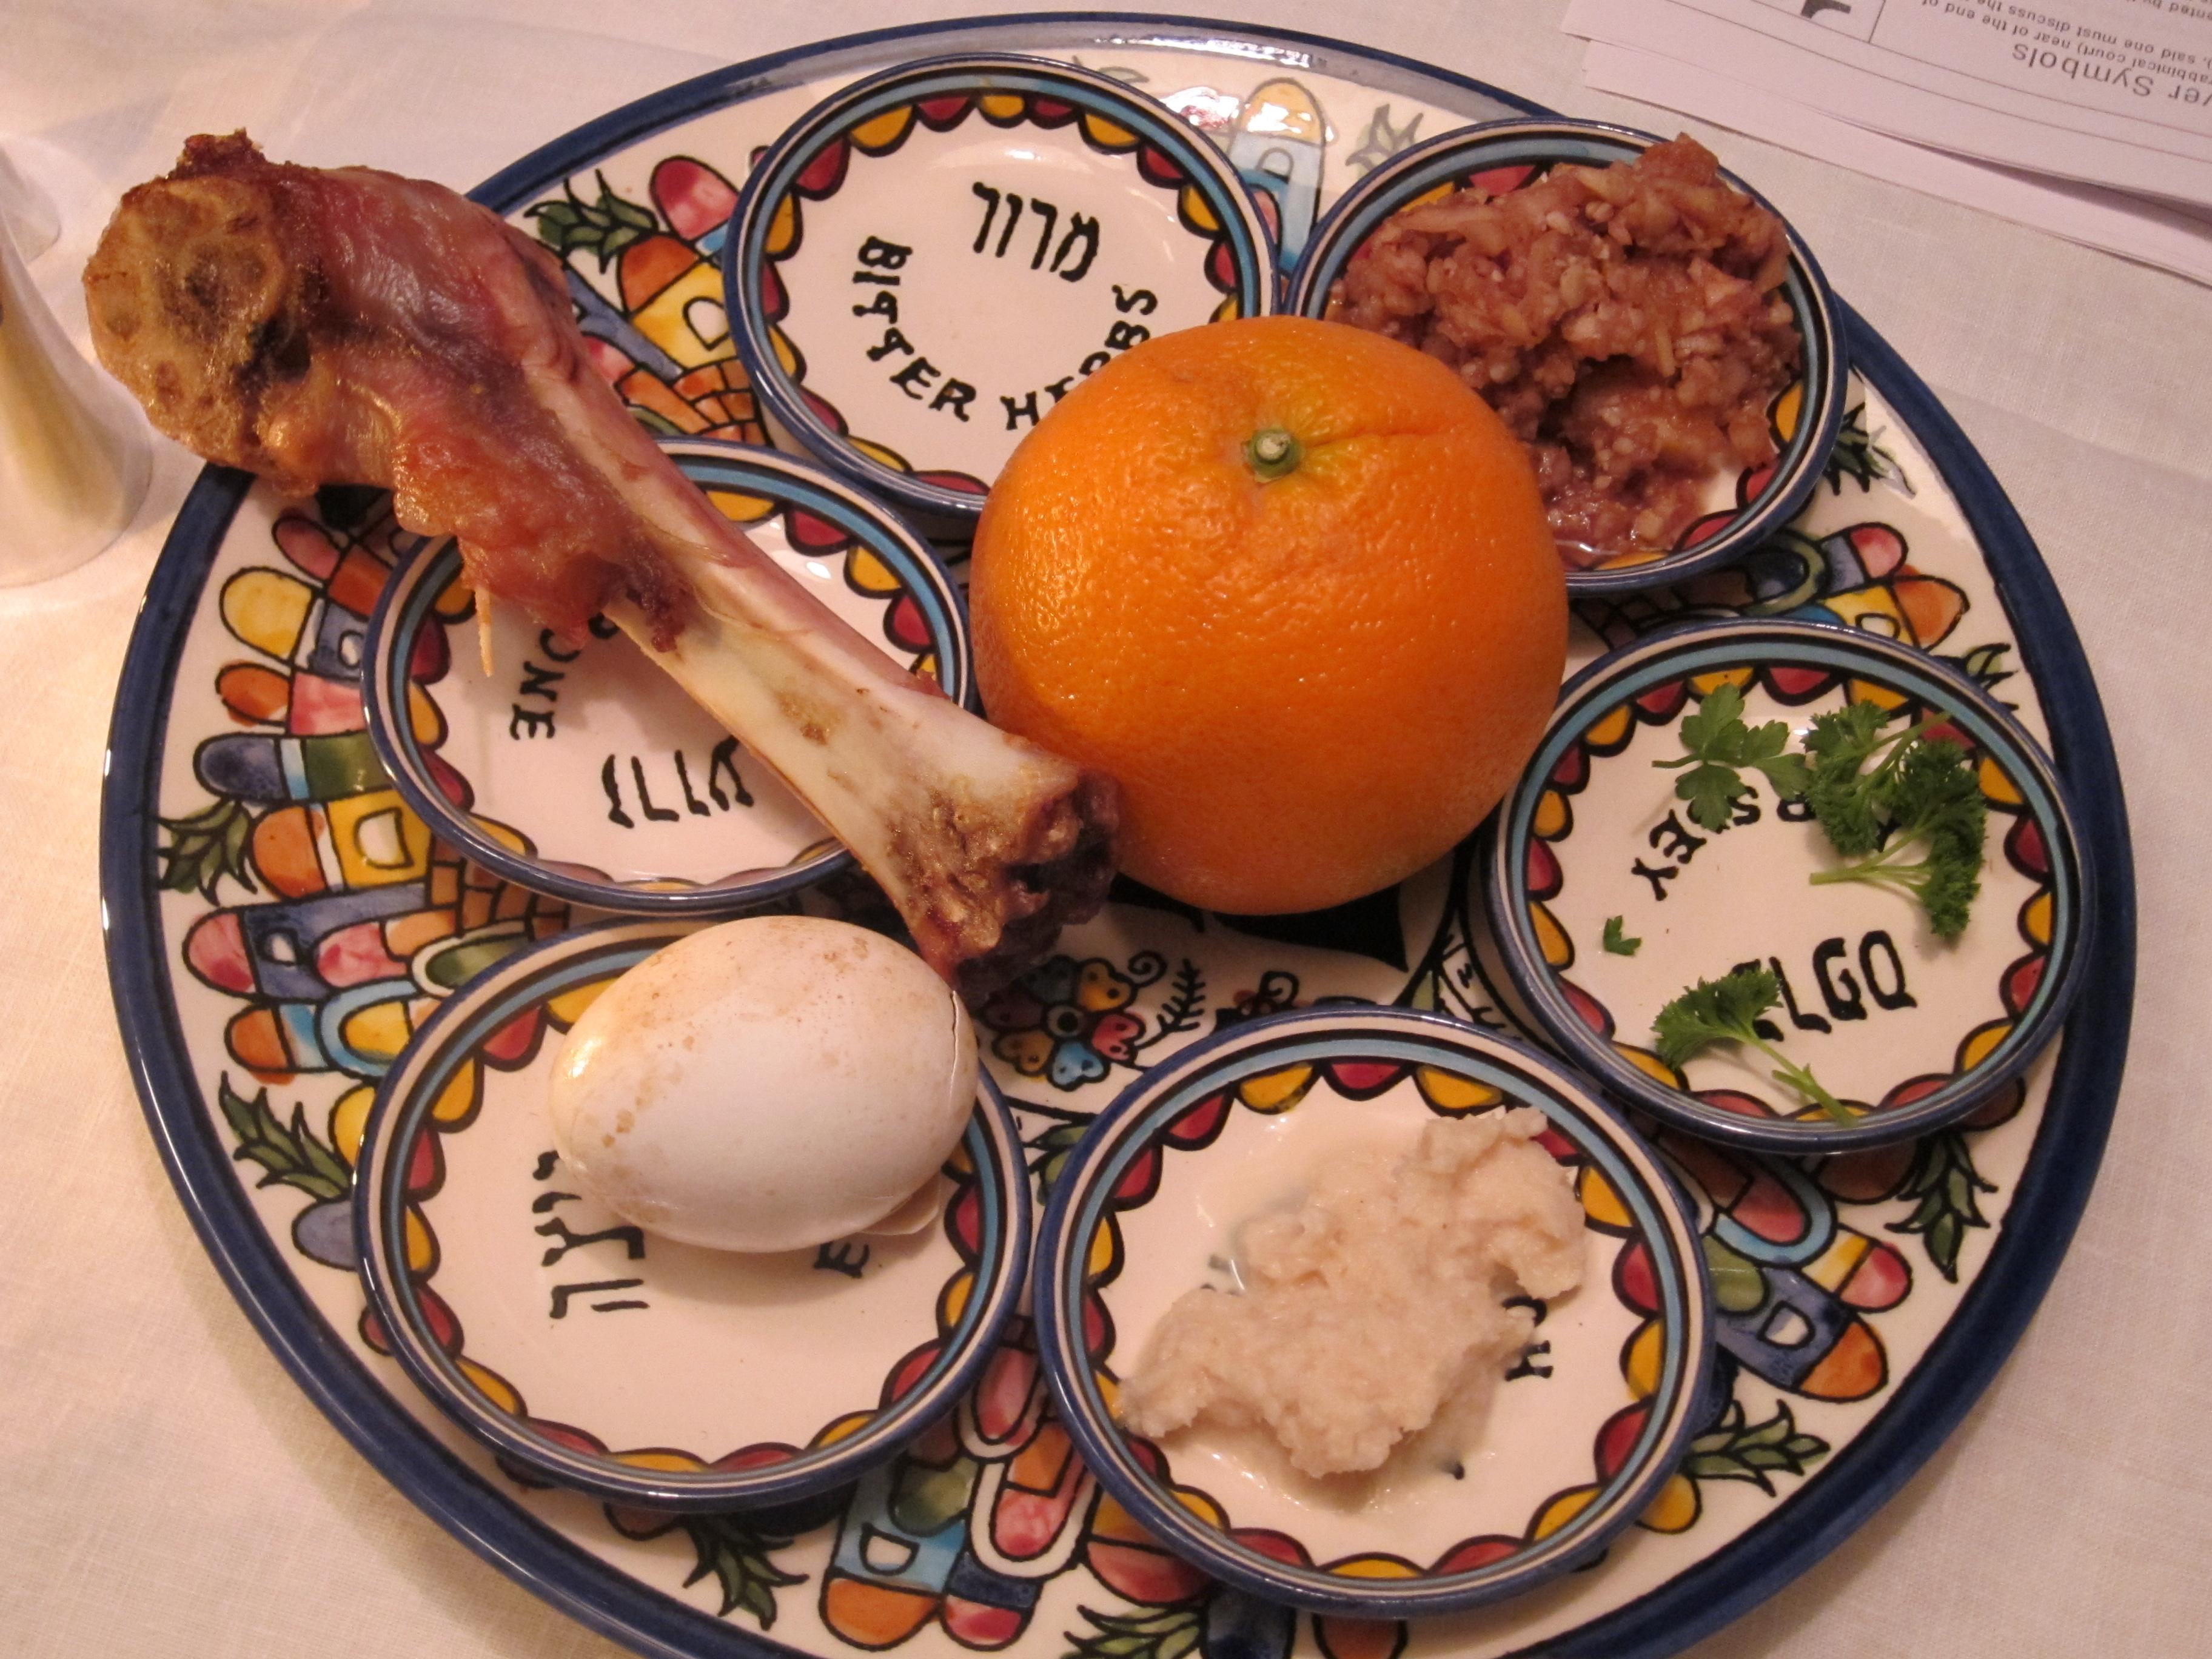 Image result for seder plate orange